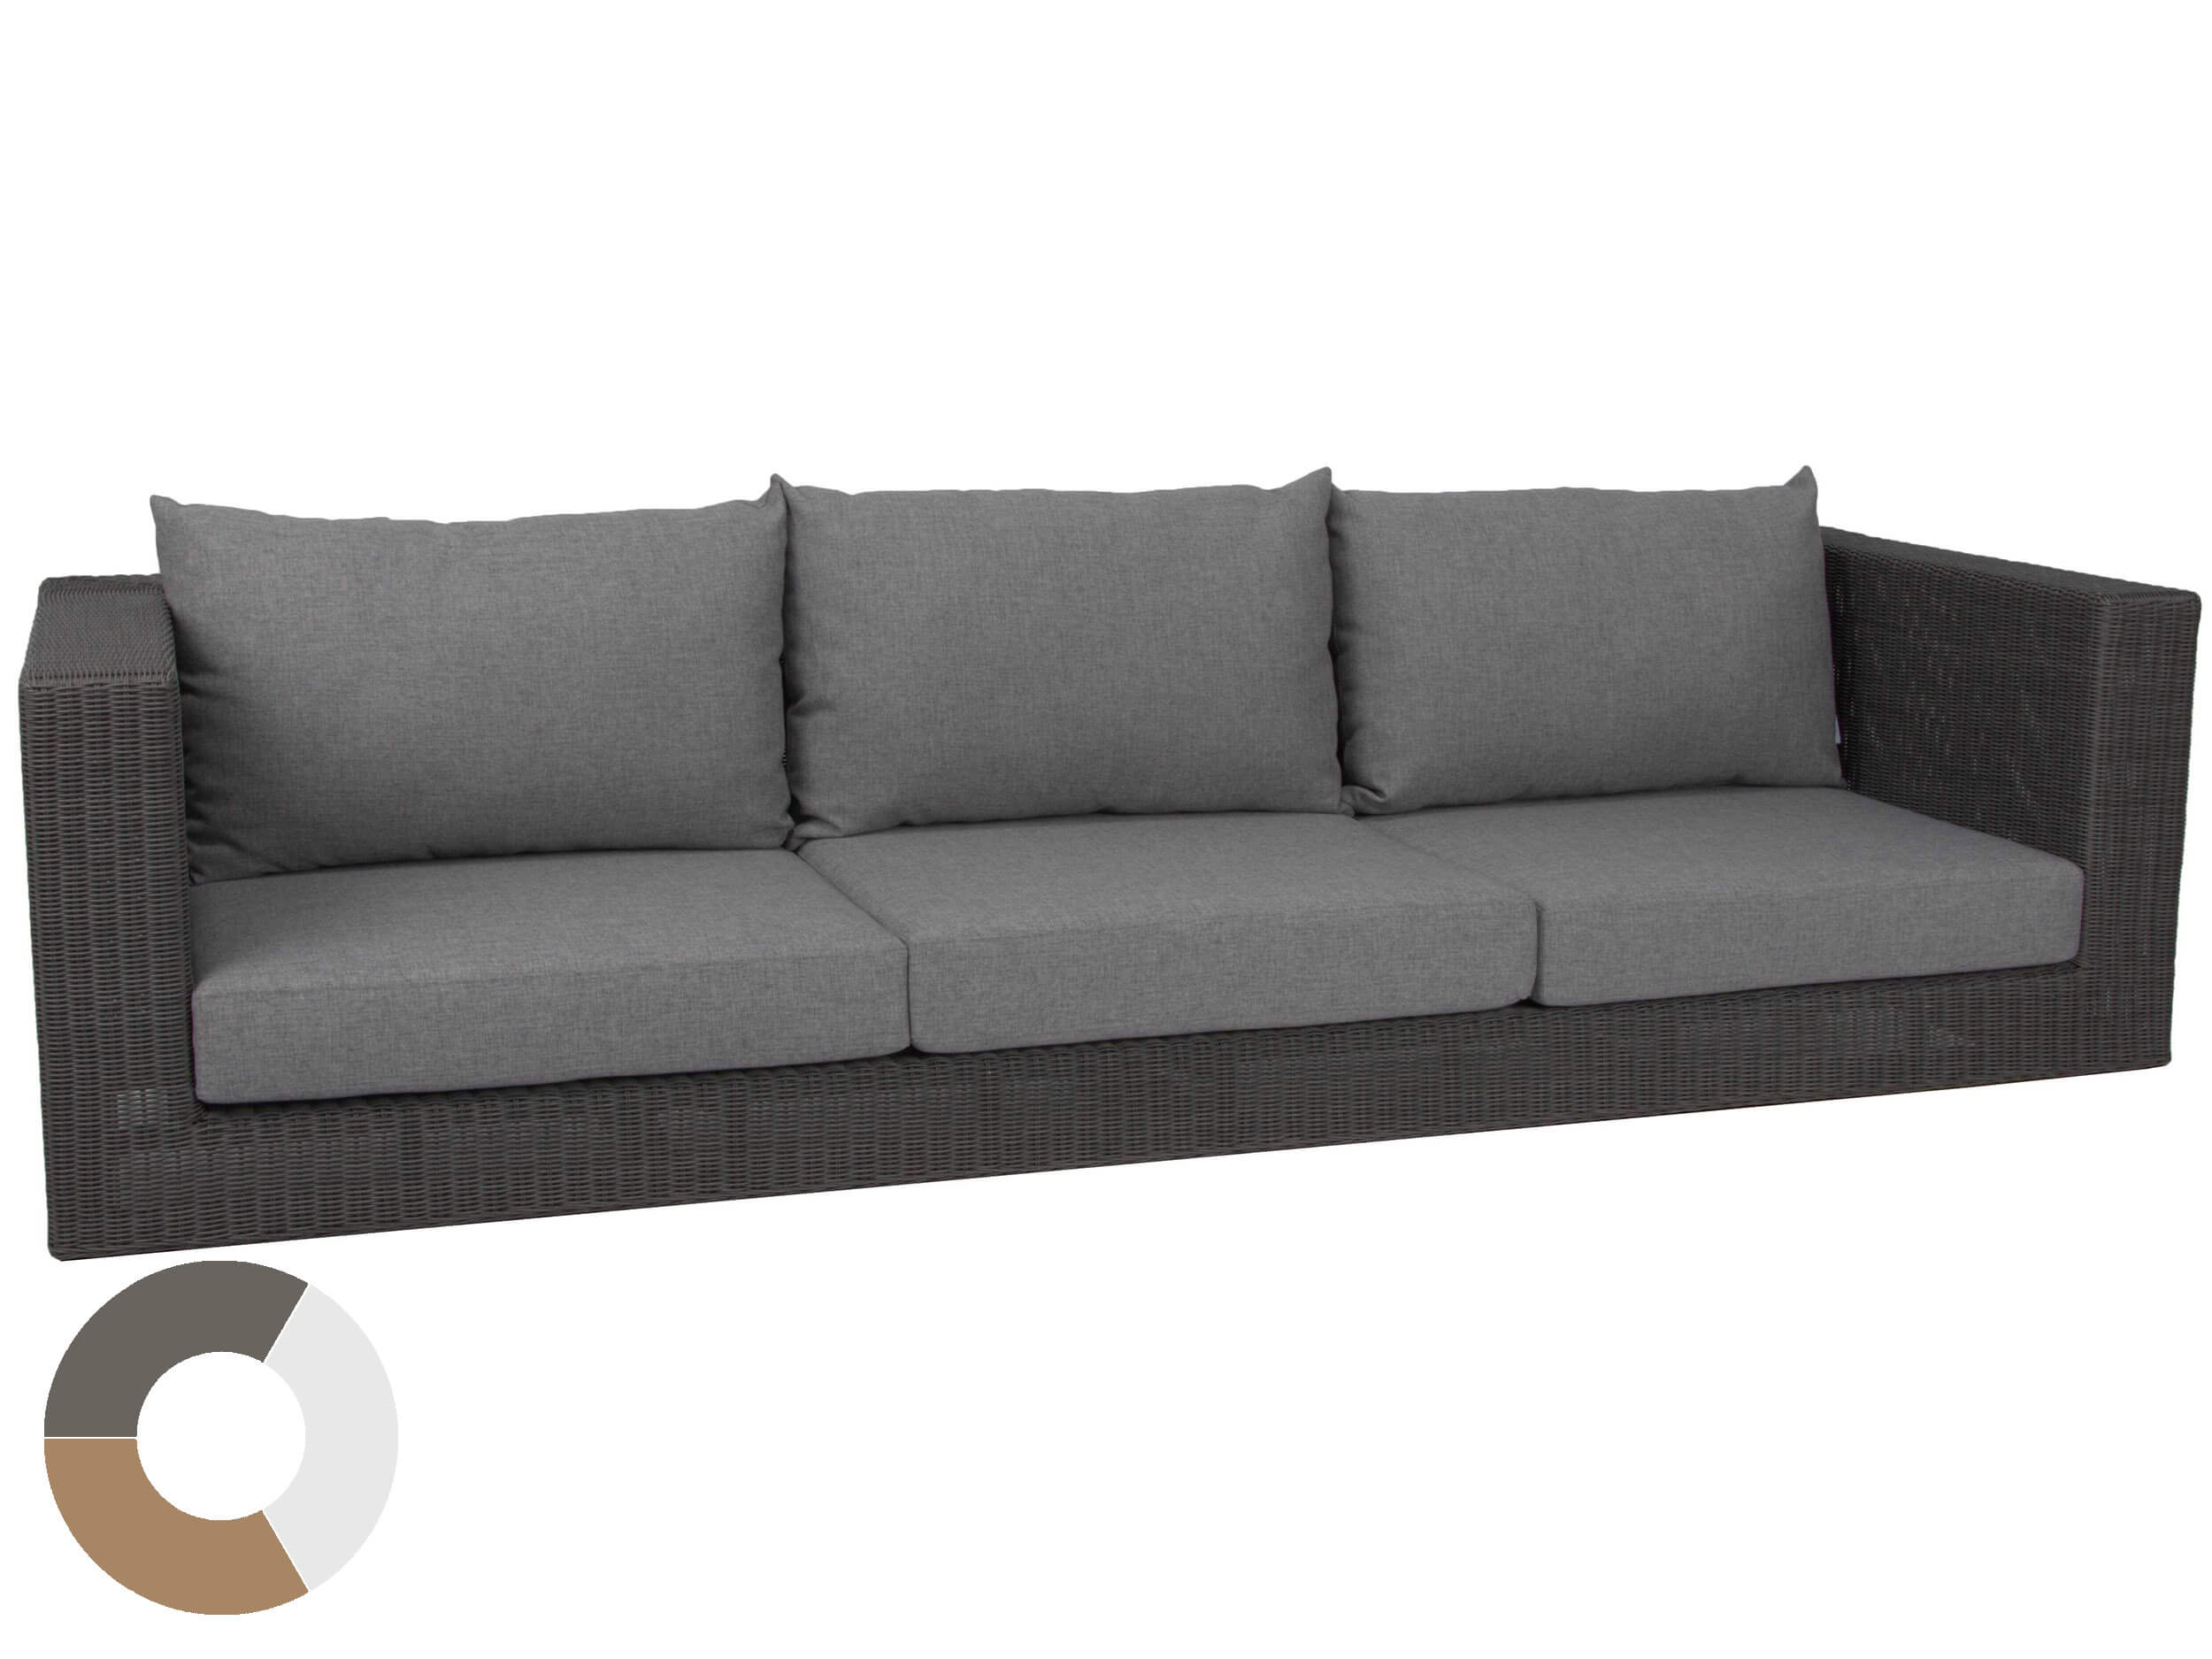 Full Size of Ikea Nockeby 3 Sitzer Sofa Und 2 Sessel Leder Mit Schlaffunktion Bettkasten Bettfunktion Poco Stern Fontana Lounge Korpus Geflechte Günstiges Grün Led Sofa 3 Sitzer Sofa